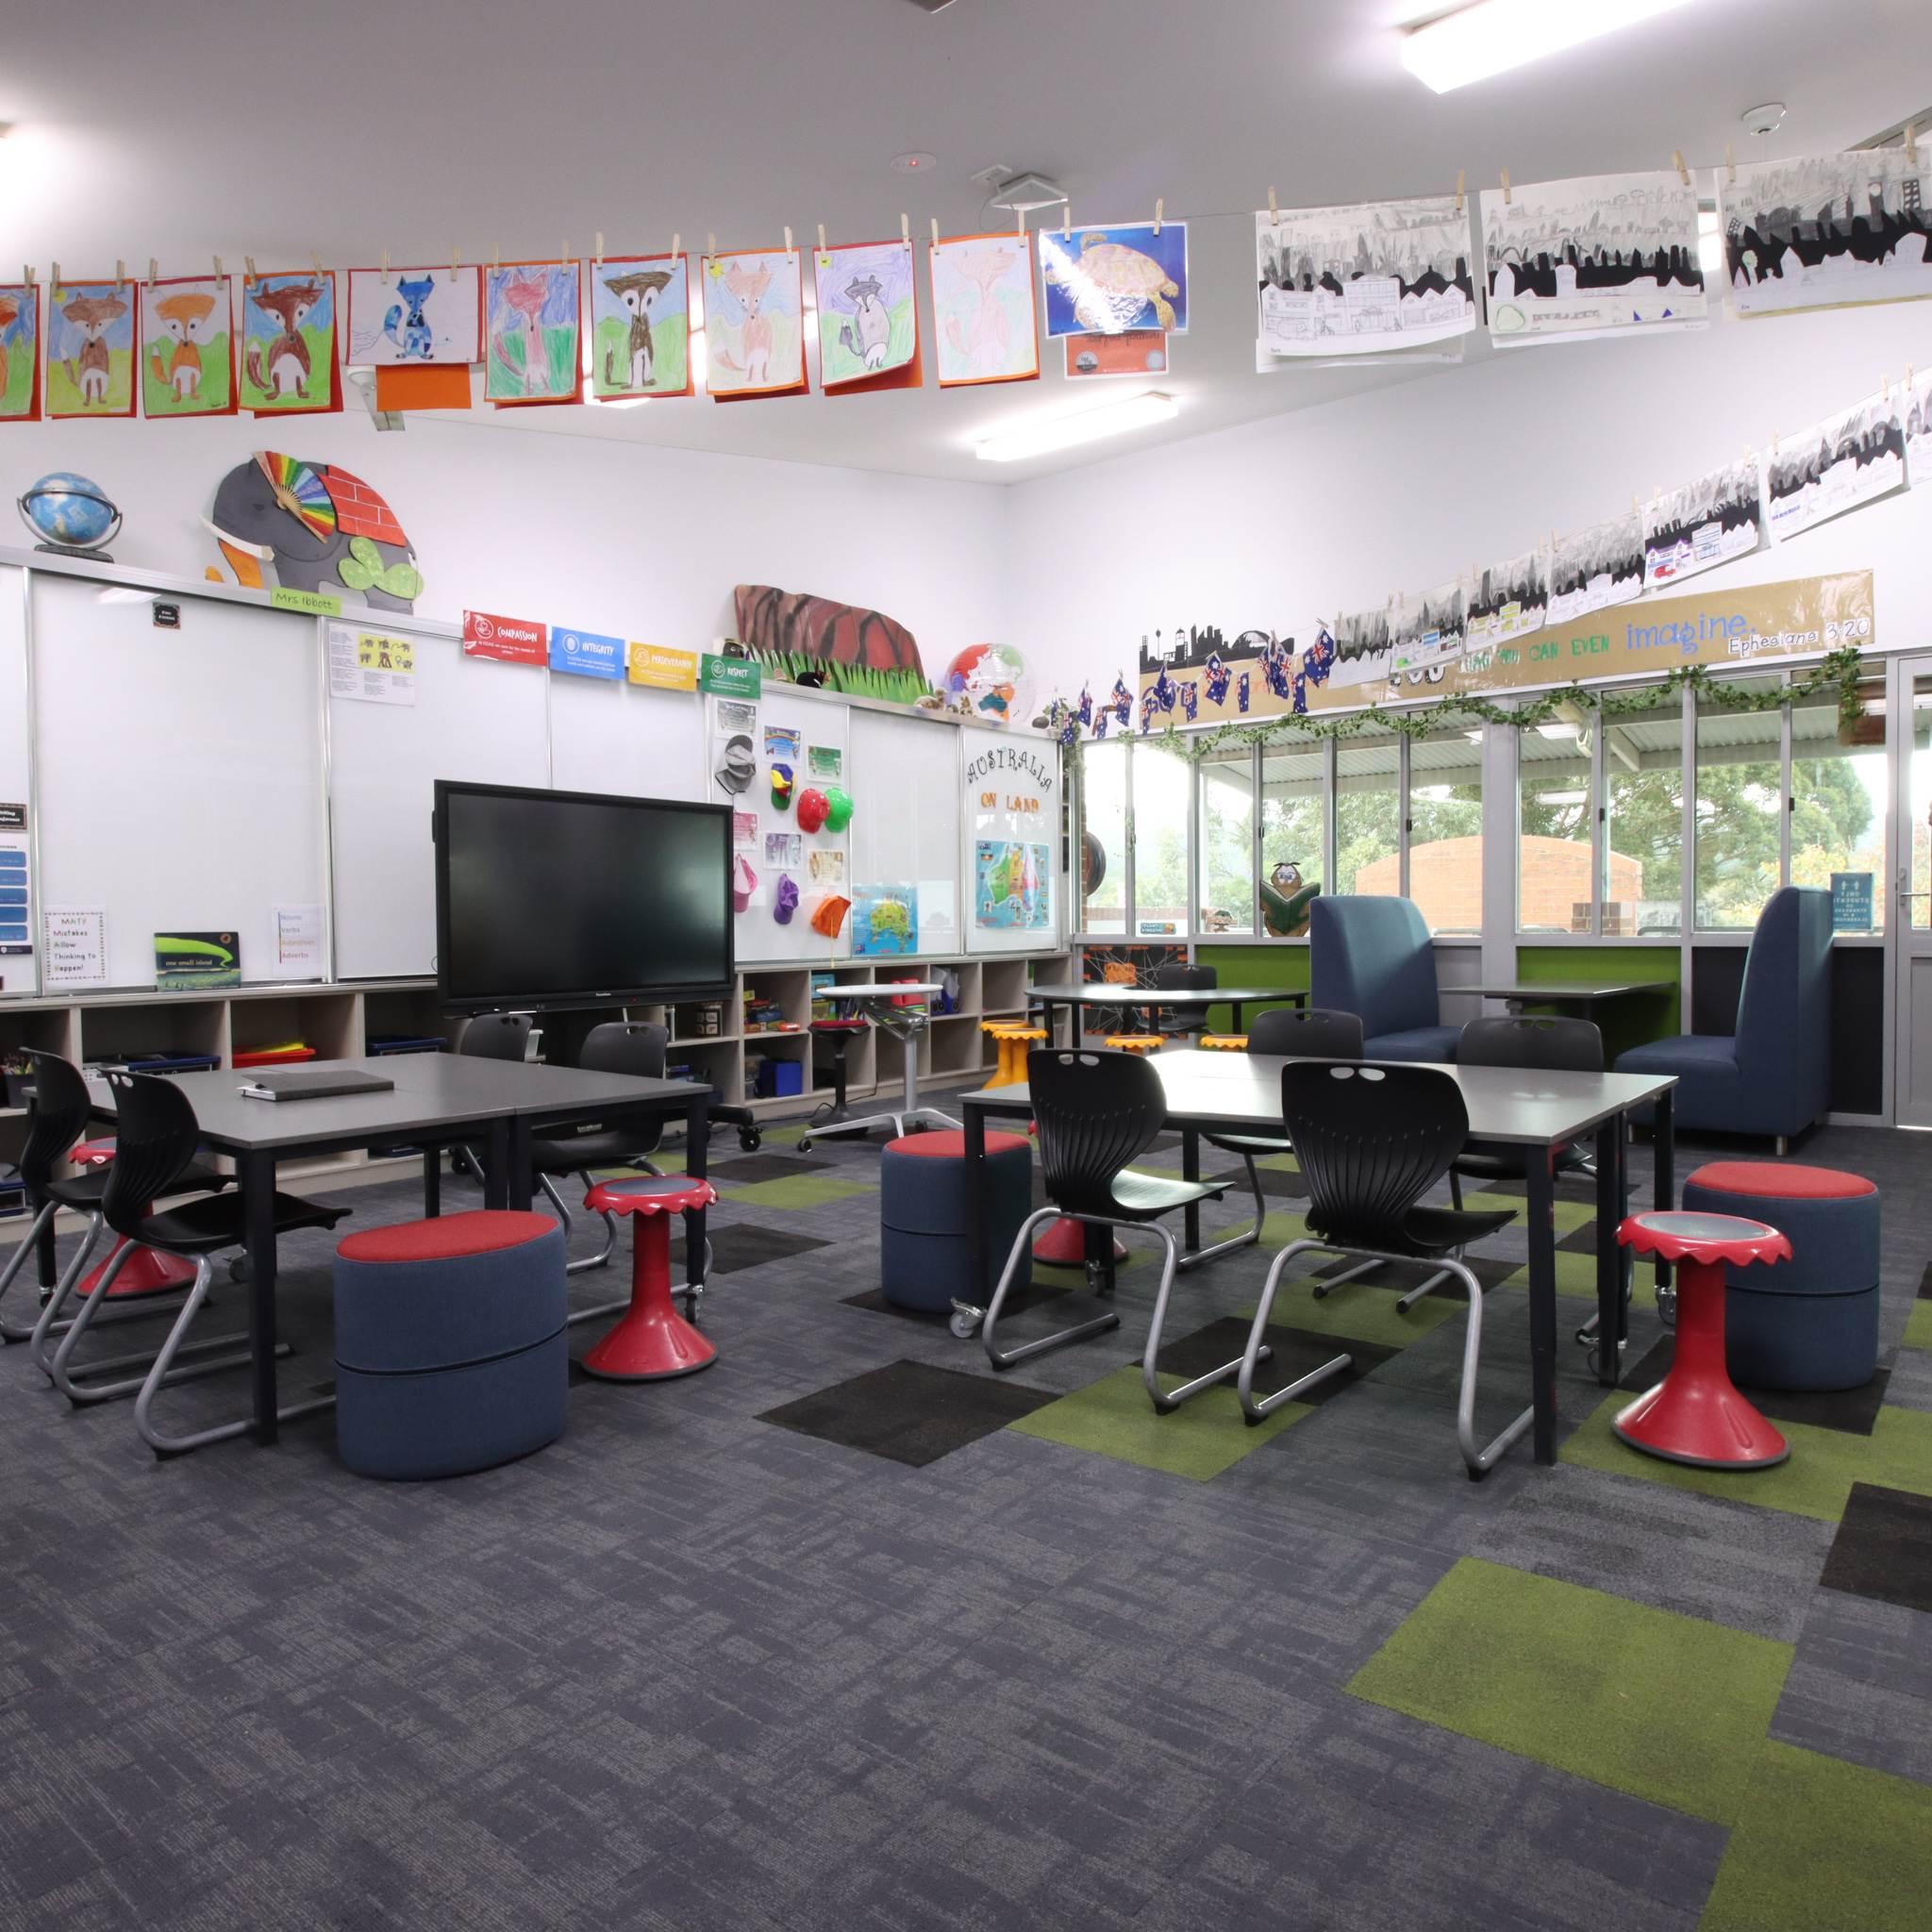 Classroom furniture in a sydney school